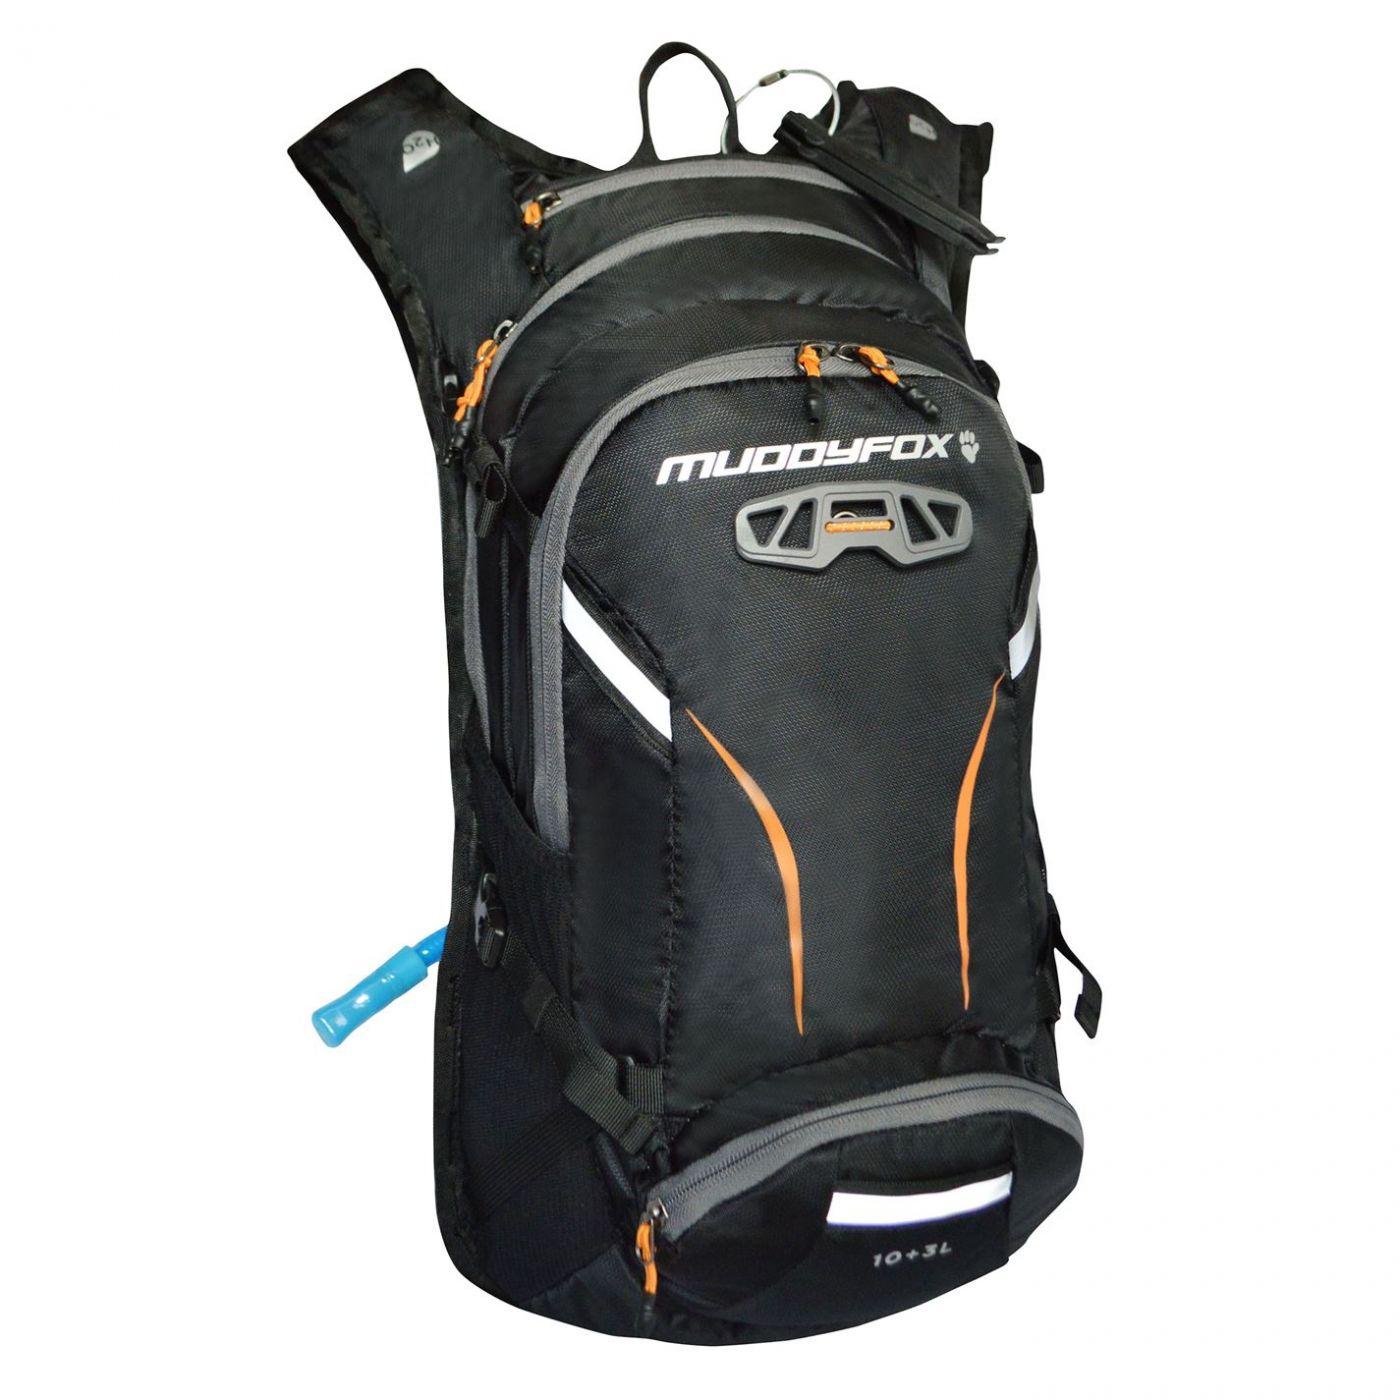 Muddyfox Buzz 10L Hydration Pack